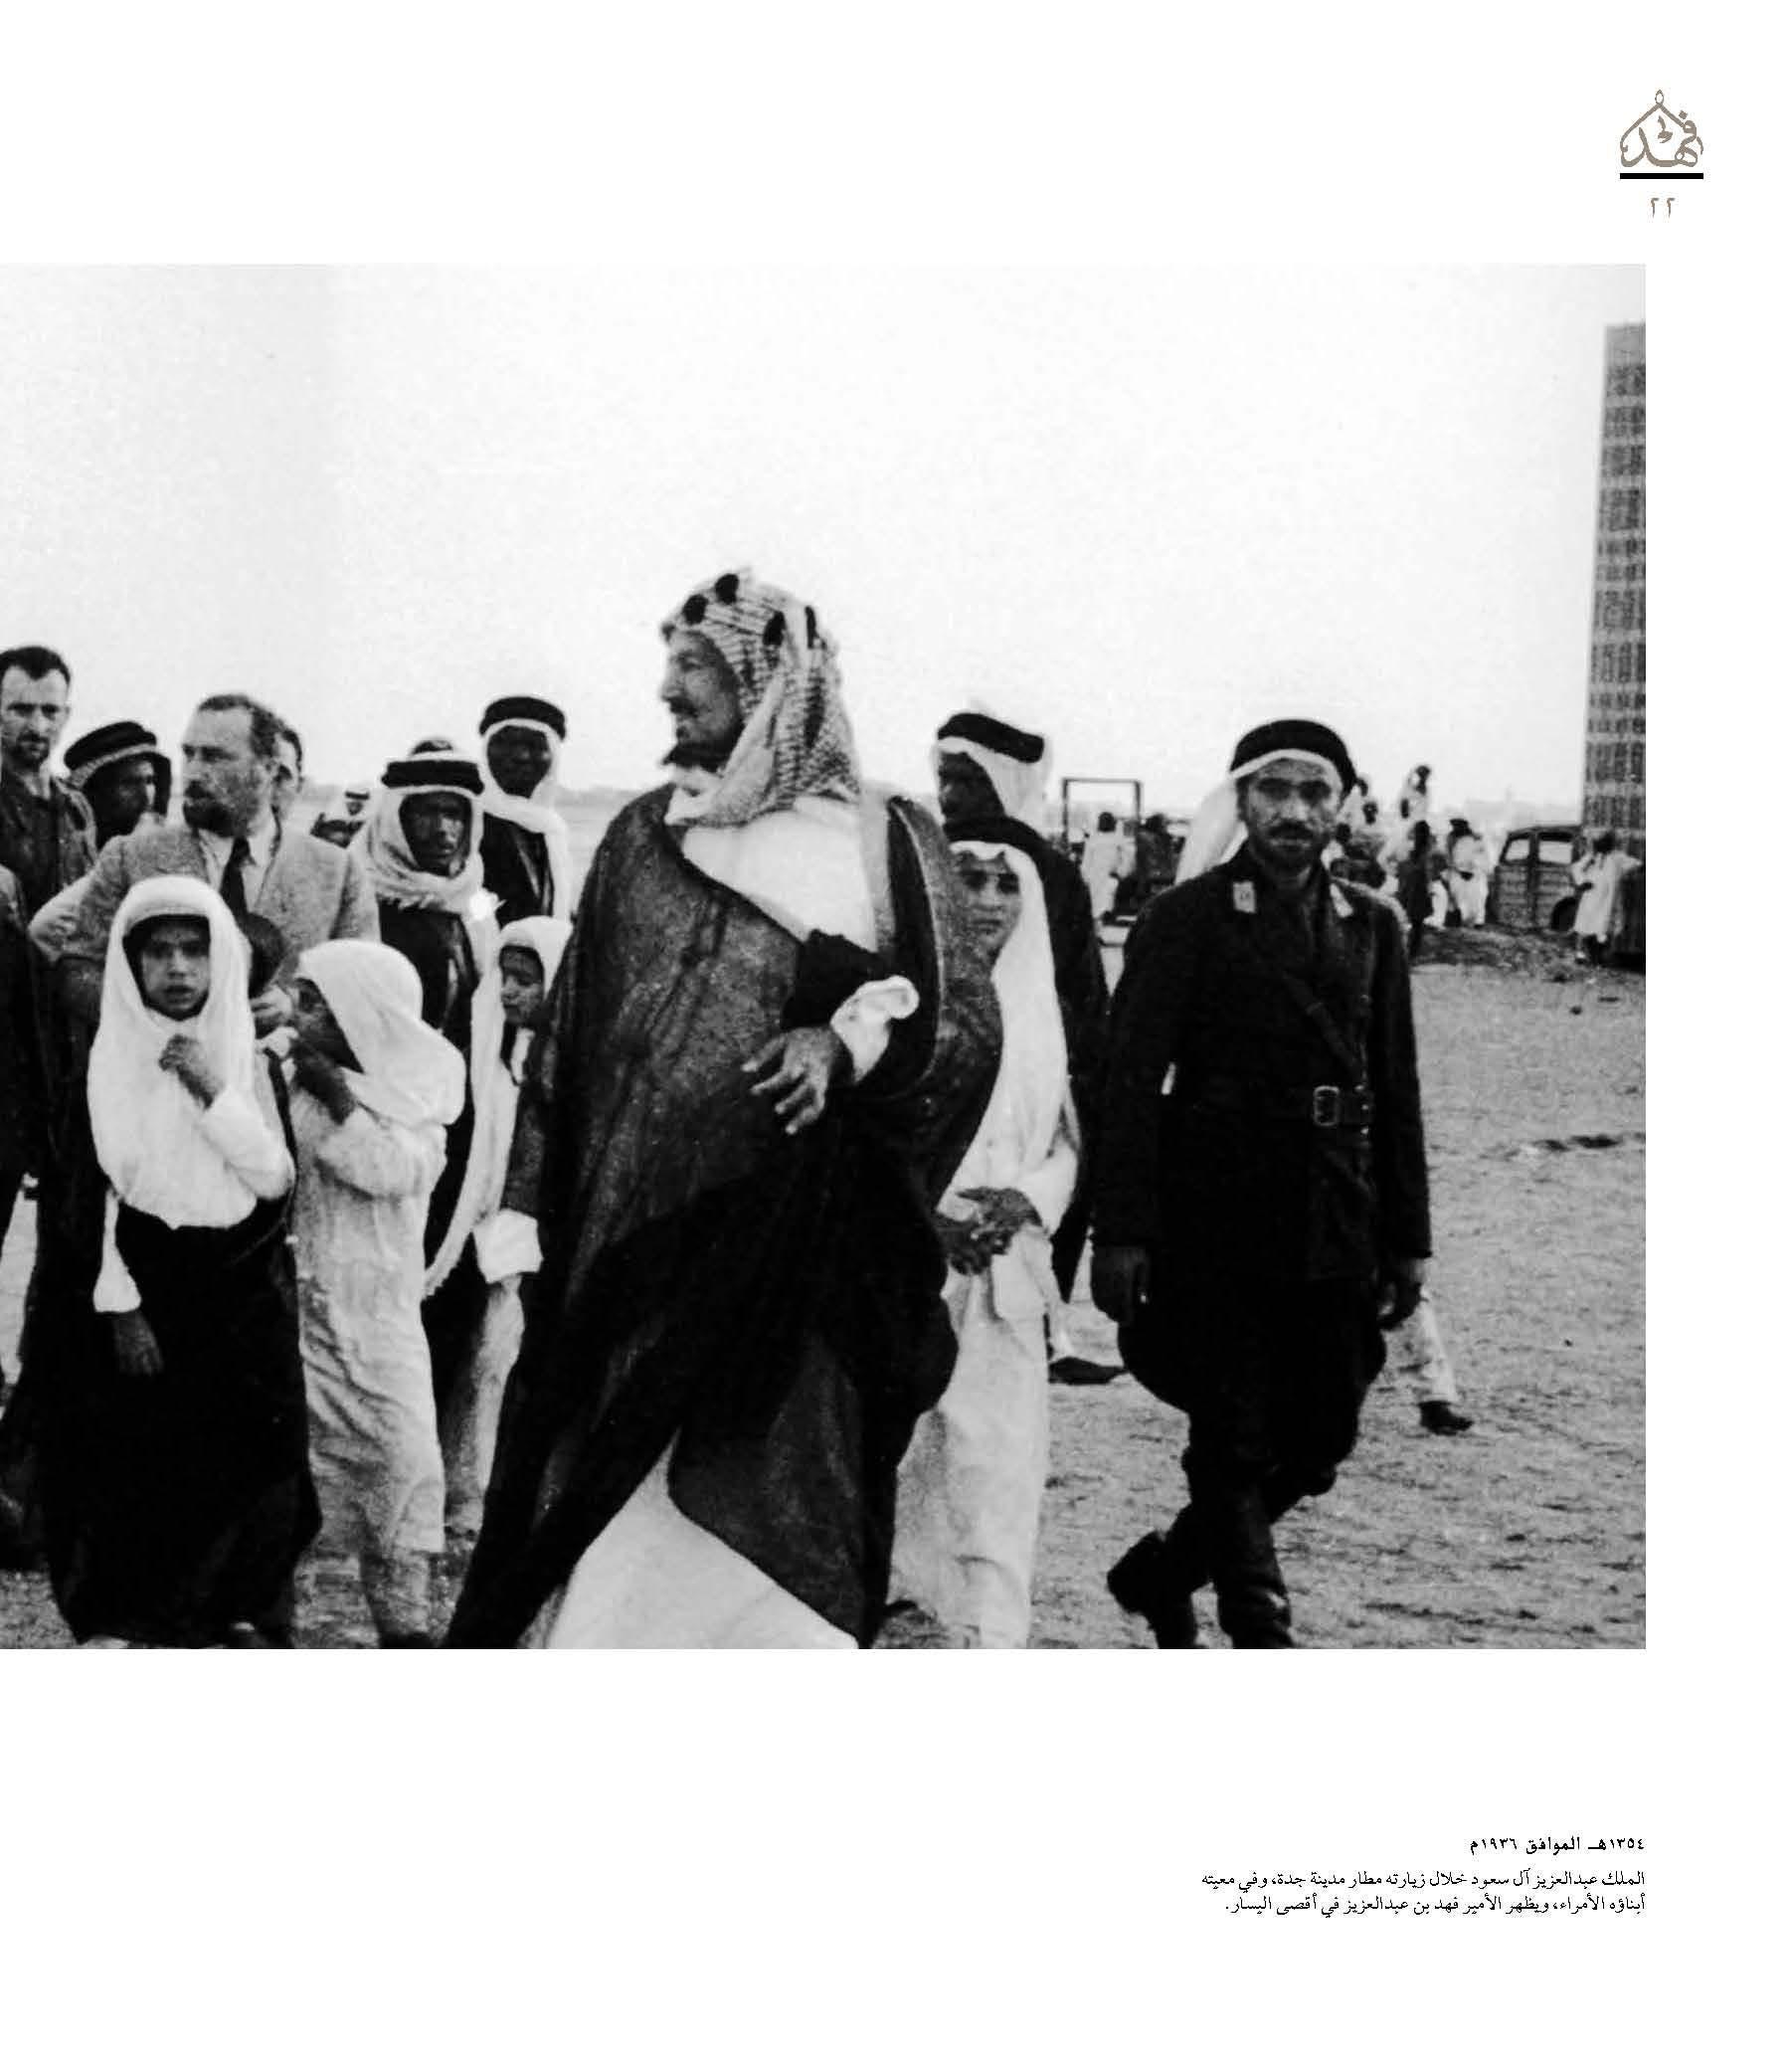 """صور نادرة للملك فهد في """"كتاب"""" 780b8d38-5a3d-4a9b-ba0a-9d00d2093c37"""